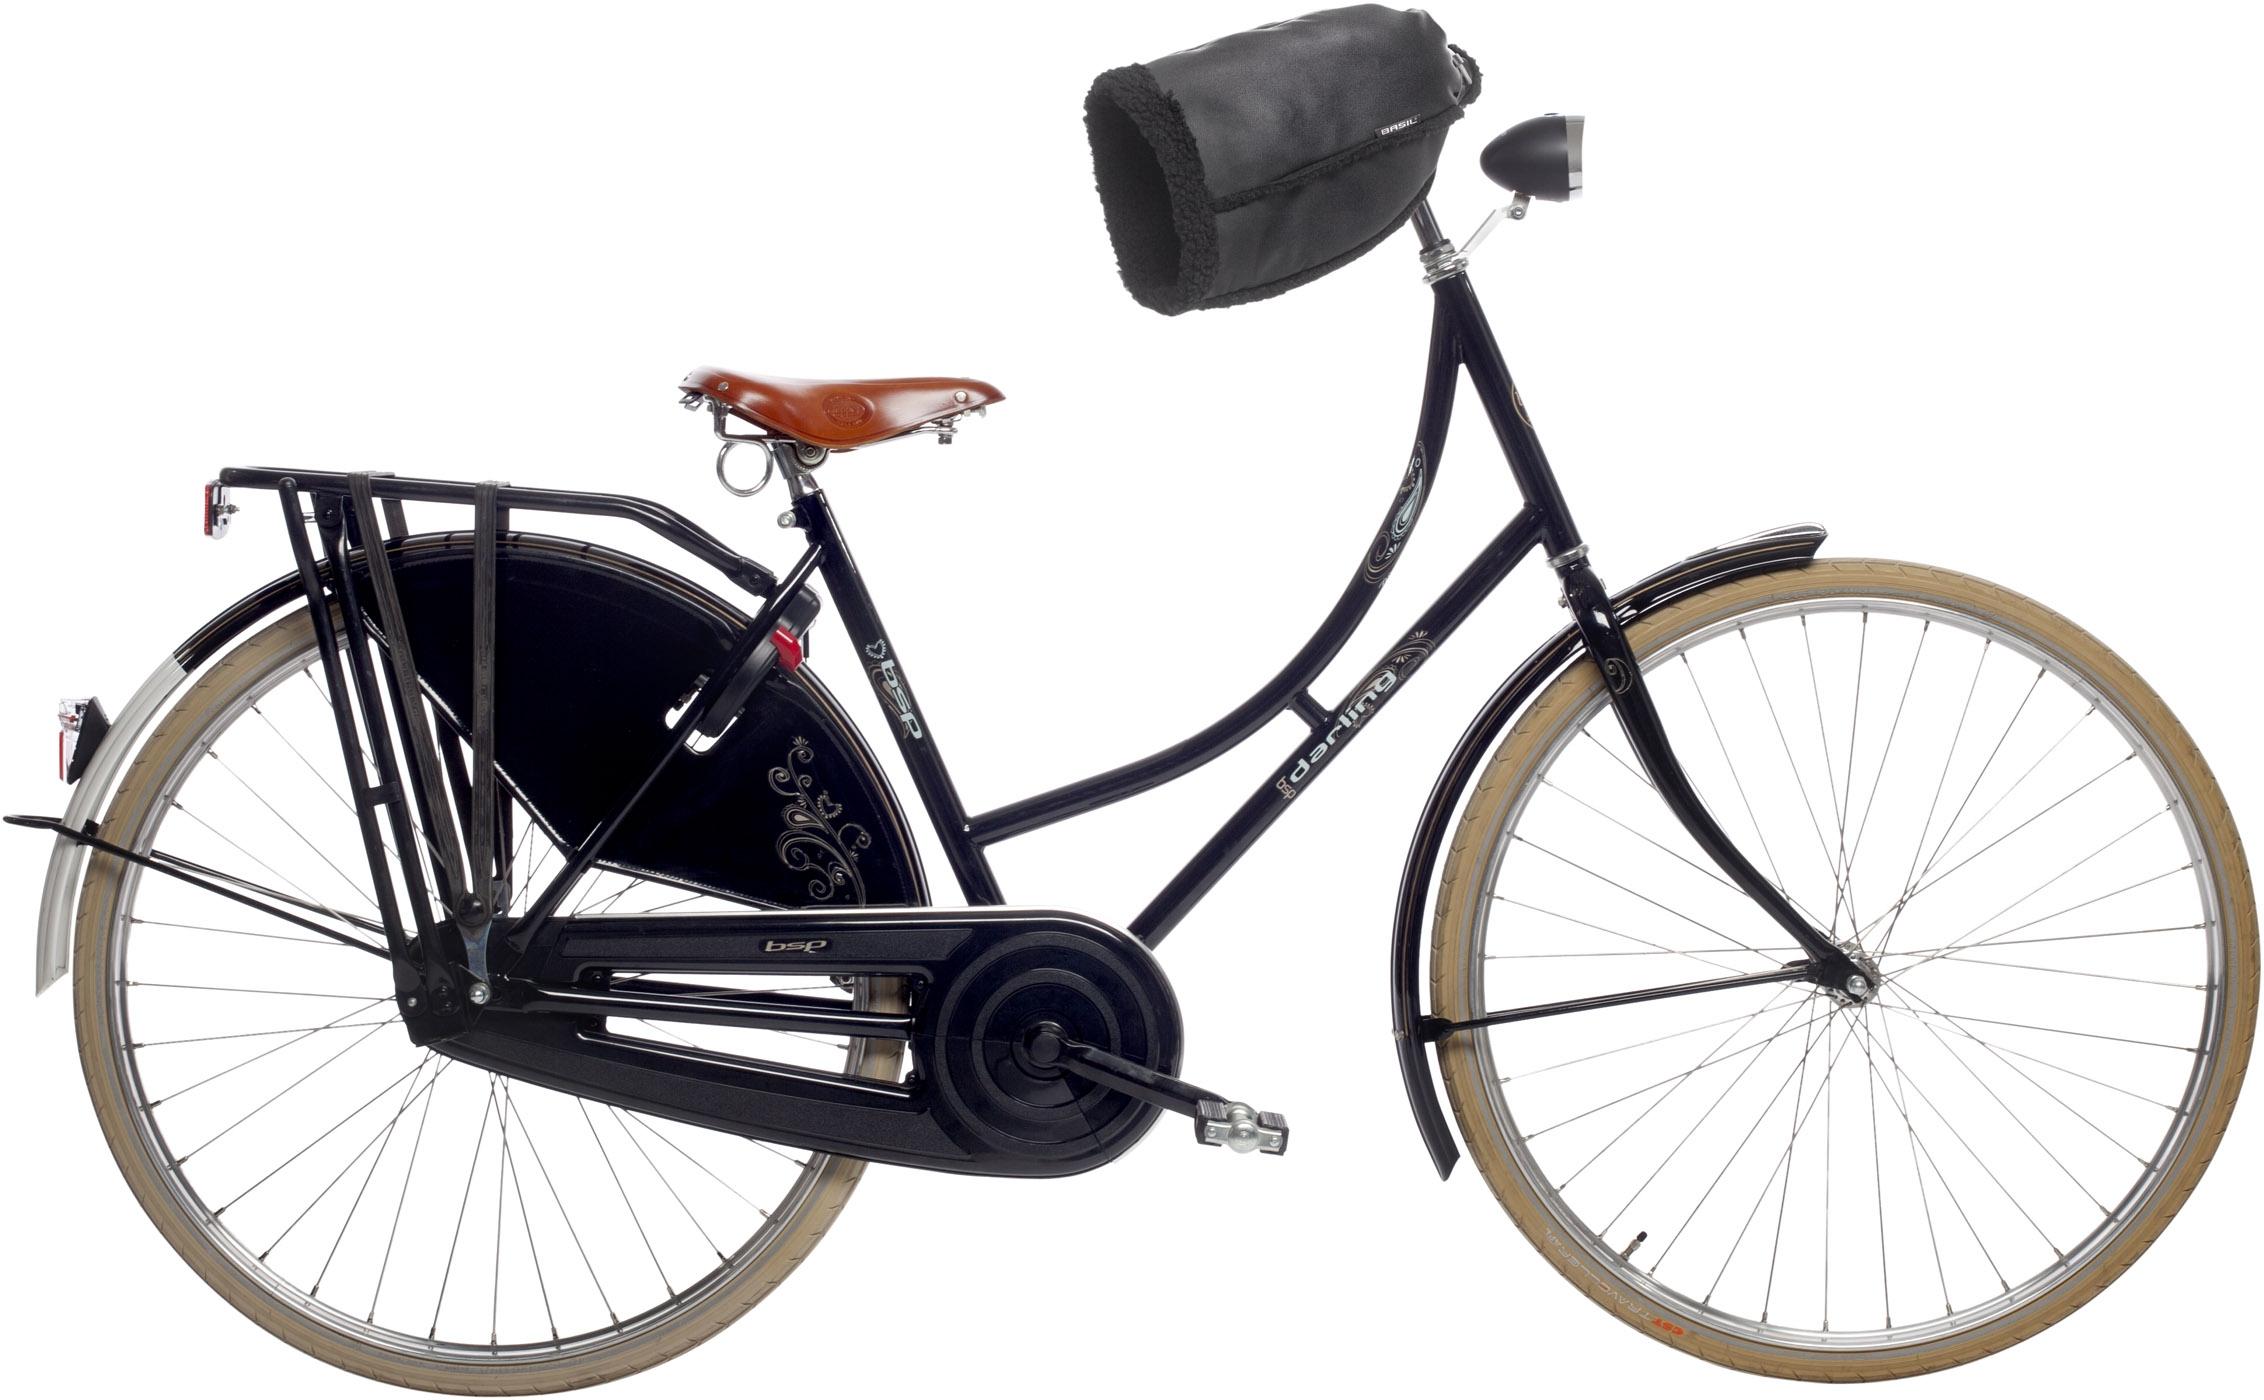 basil fahrrad handgamaschen sch tzer schwarz beim fahrradfachh ndler online kaufen. Black Bedroom Furniture Sets. Home Design Ideas